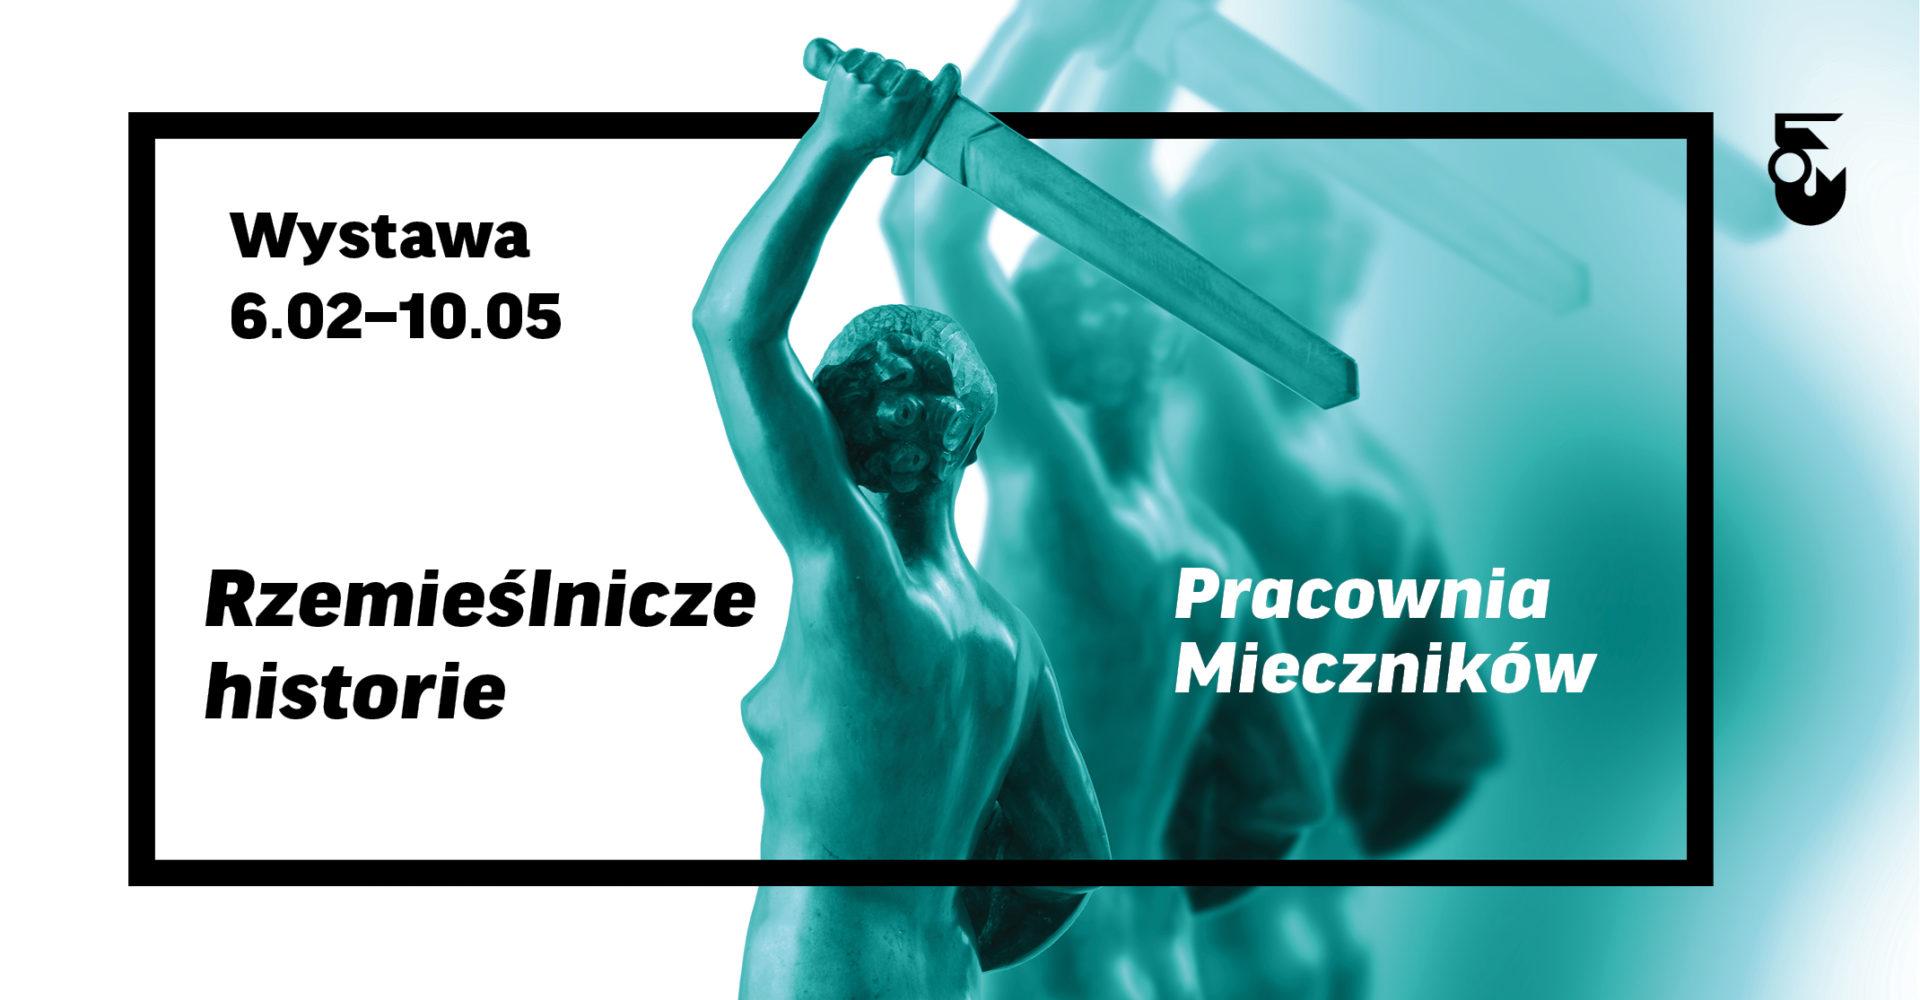 Nowa wystawa czasowa wMuzeum Warszawy